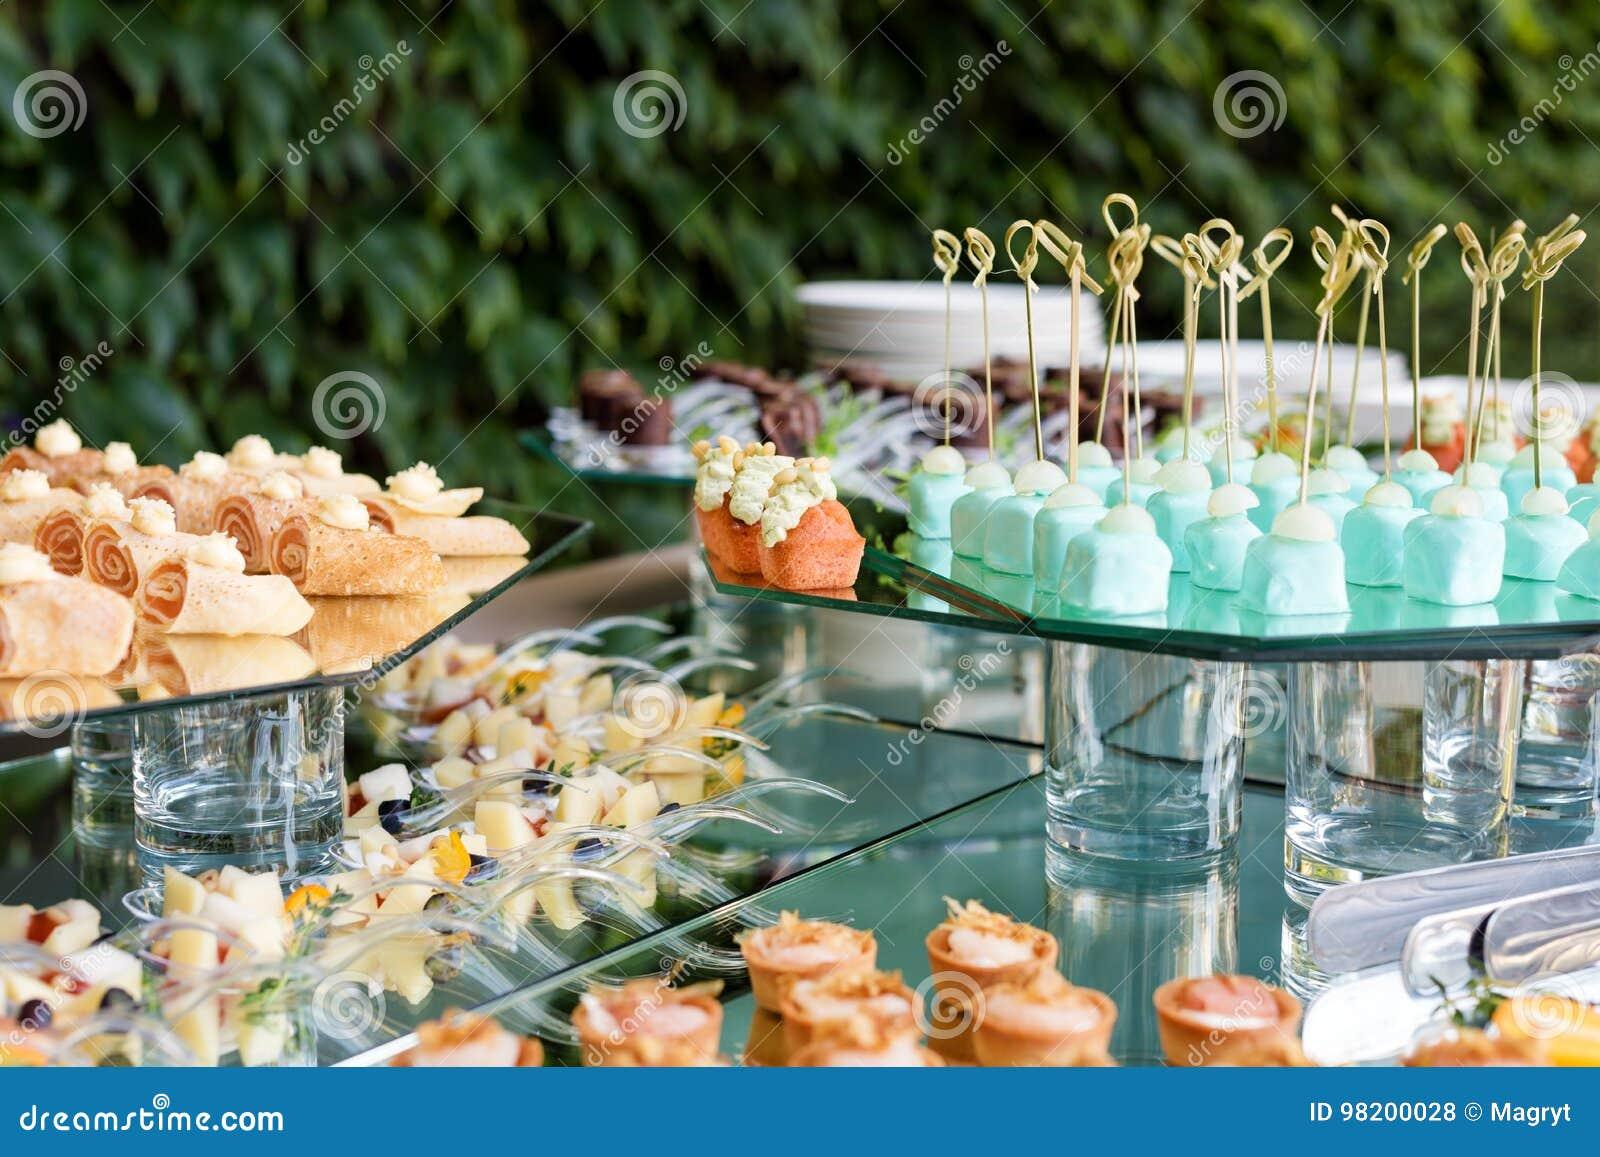 Apéritifs, repas sur le pouce, nourriture de partie, glisseurs Canape, tapas Table servie au café de terrasse d été Service de re